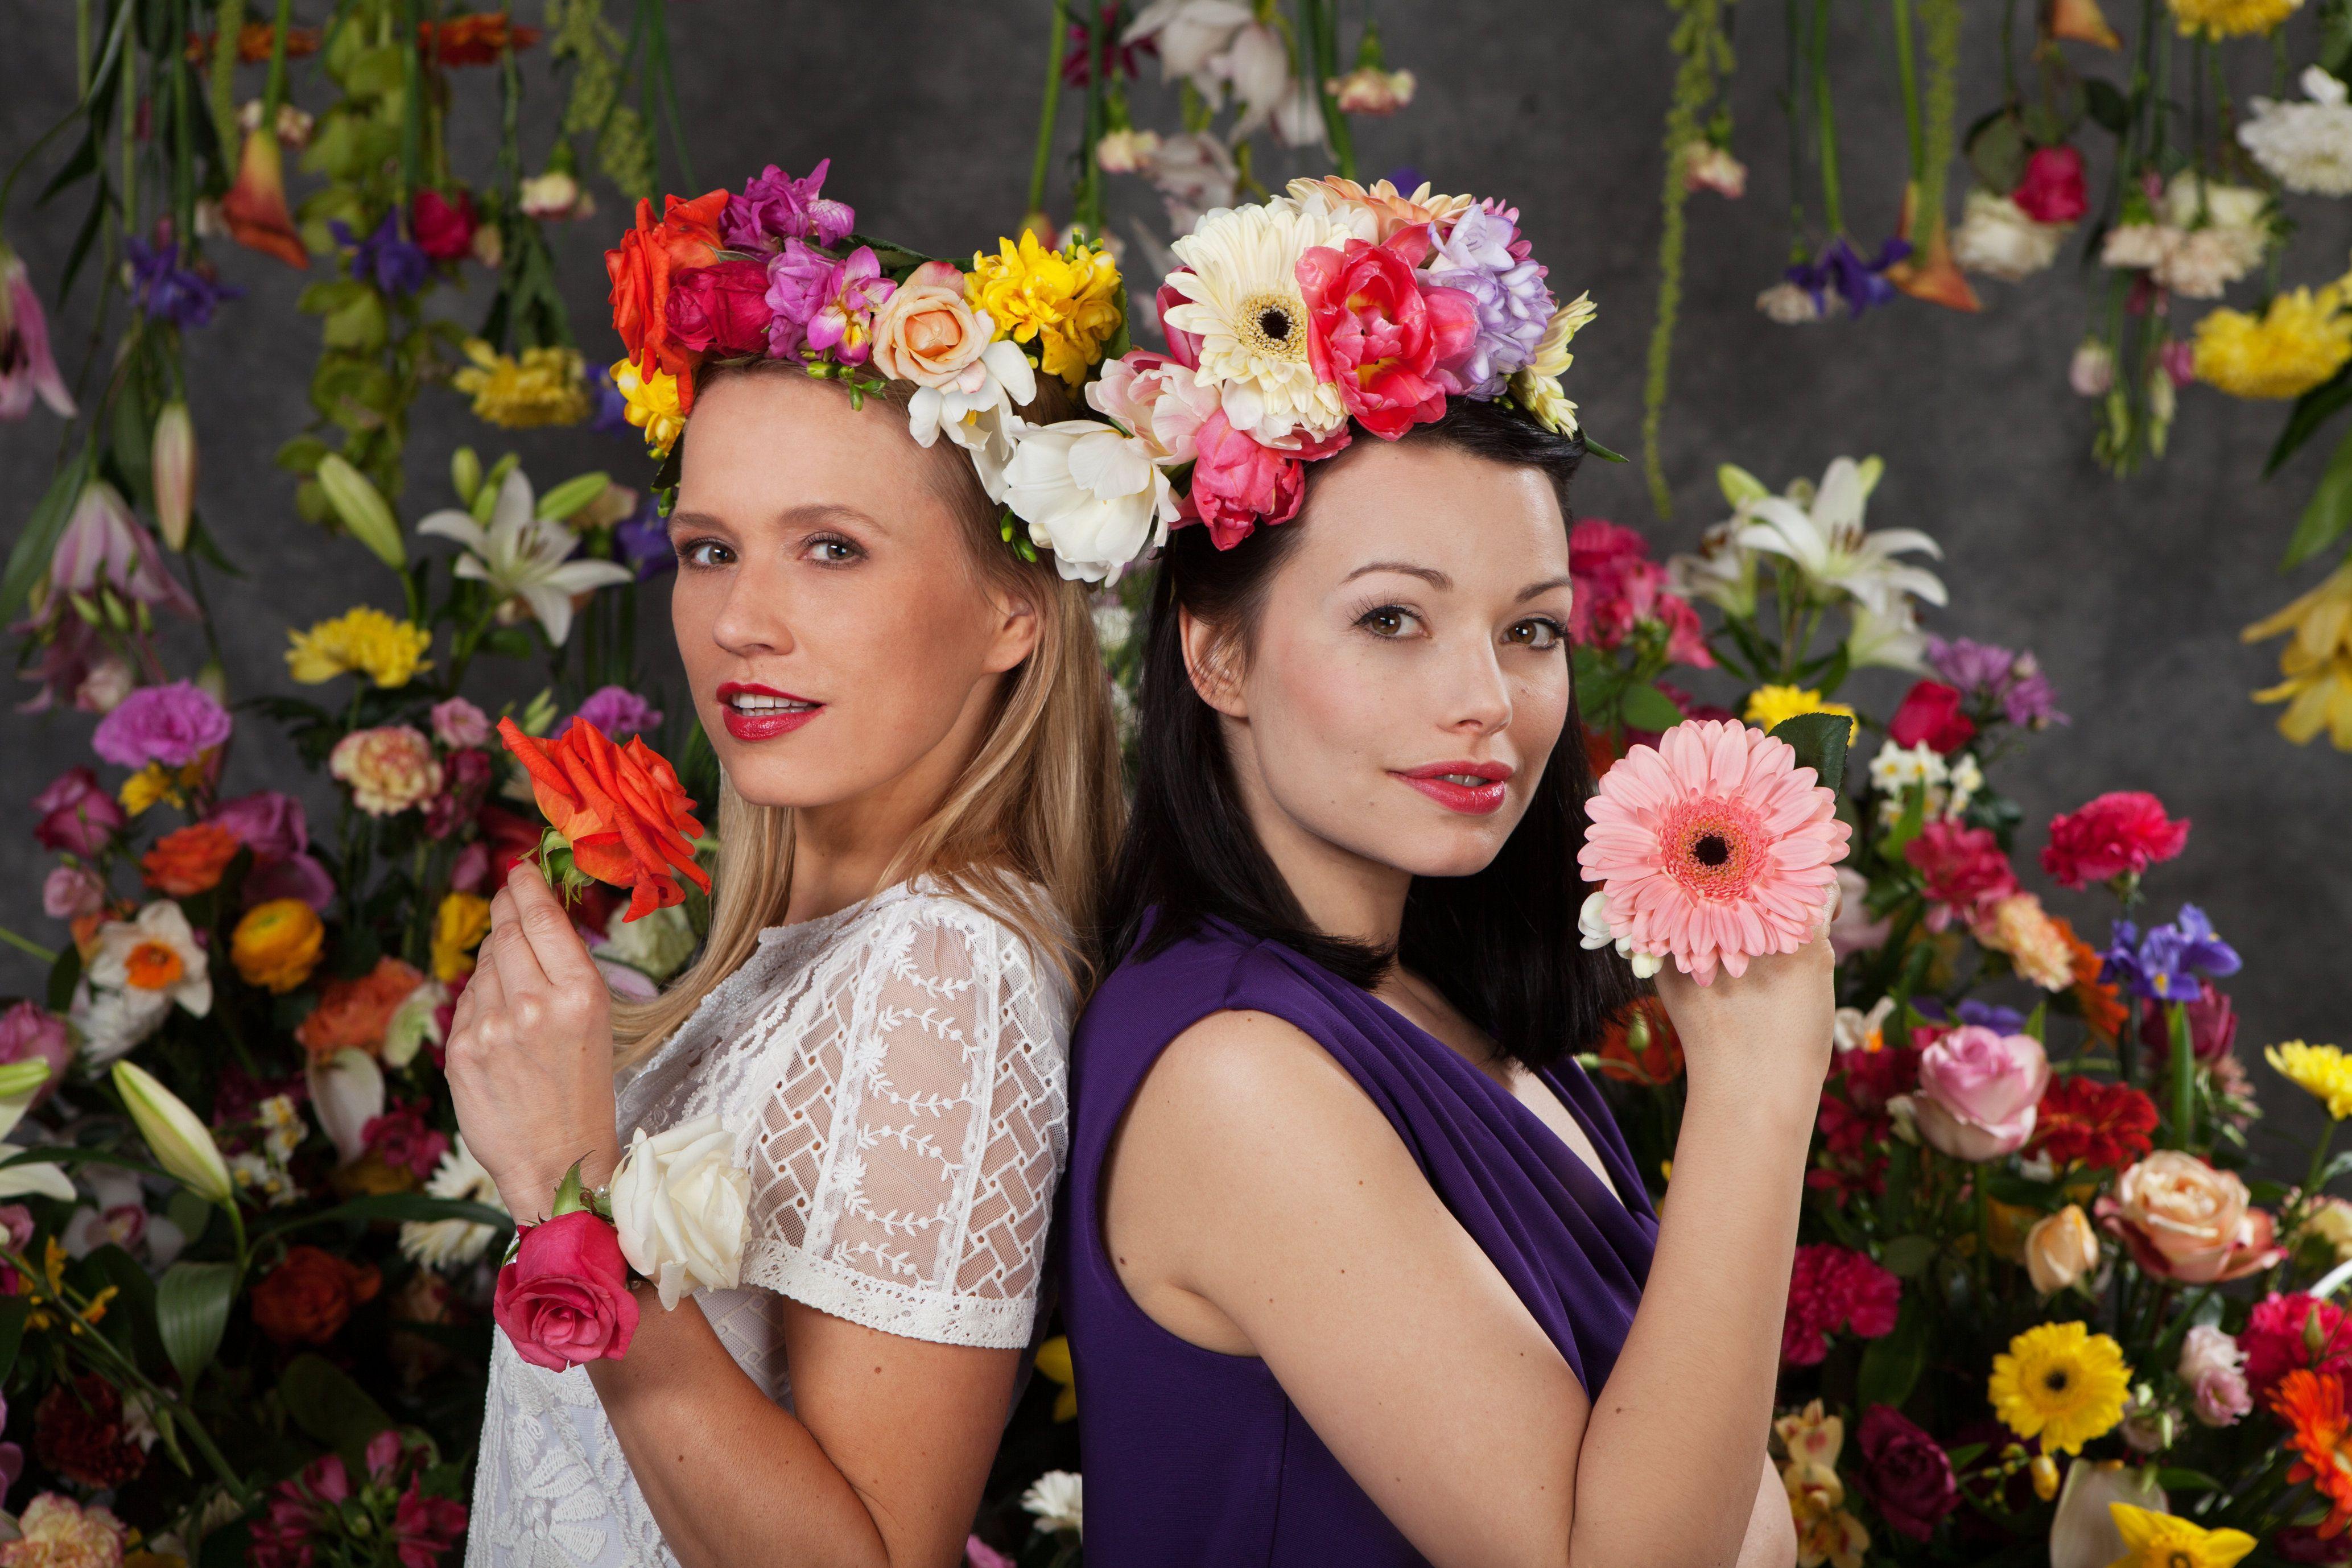 Freundinnen kennen ihre Lieblingsblumen